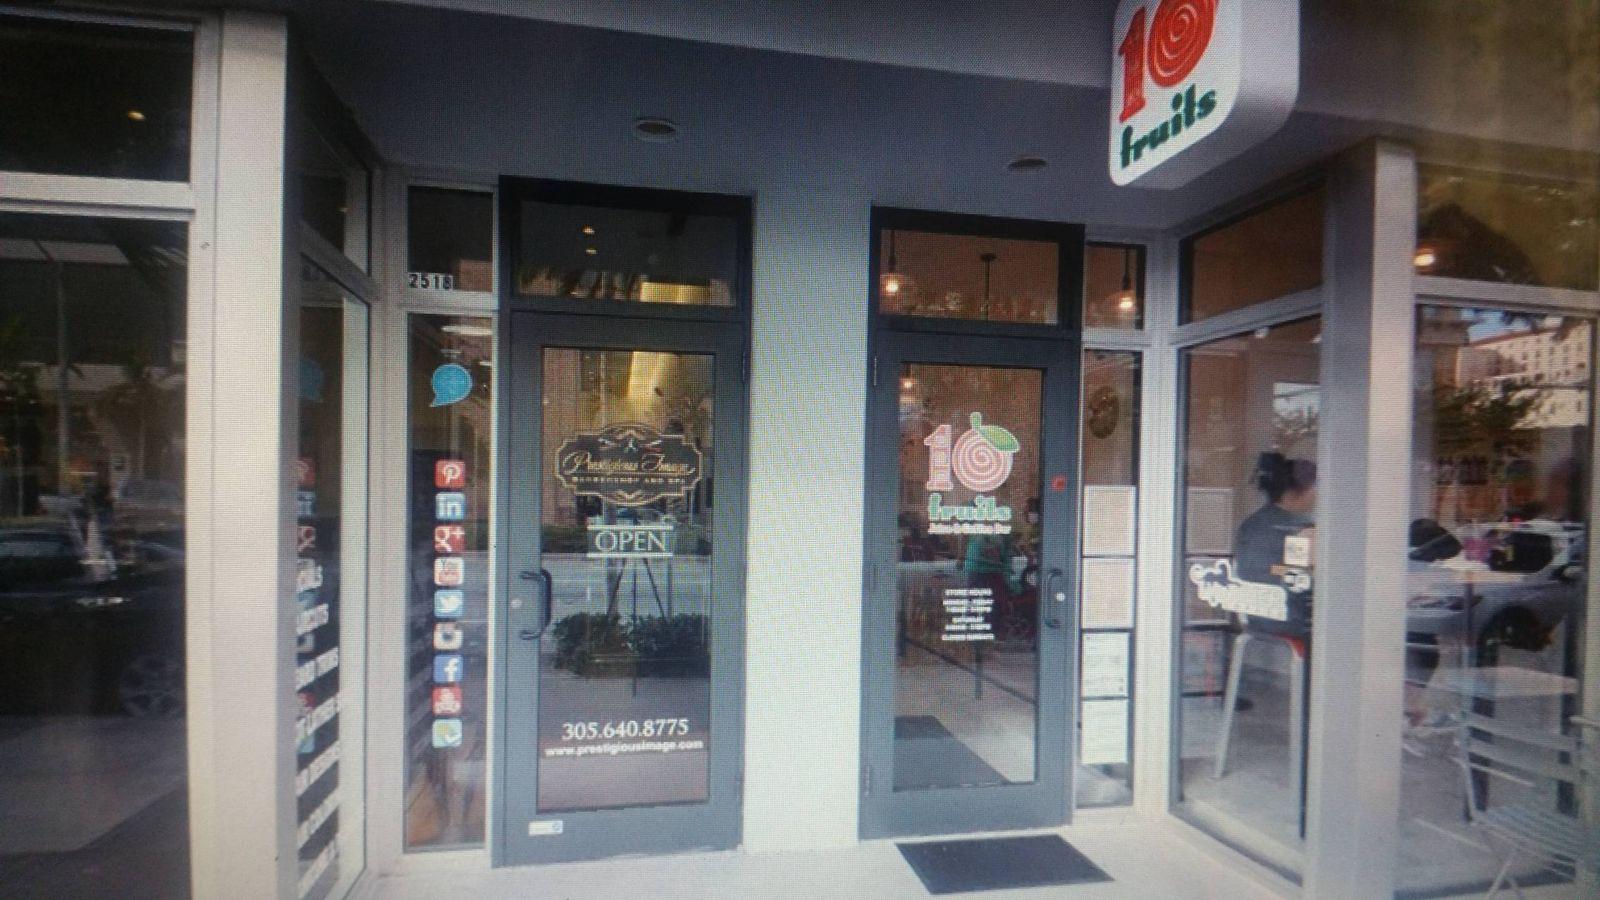 Foto: El local de zumos y barbería en Coral Gables.